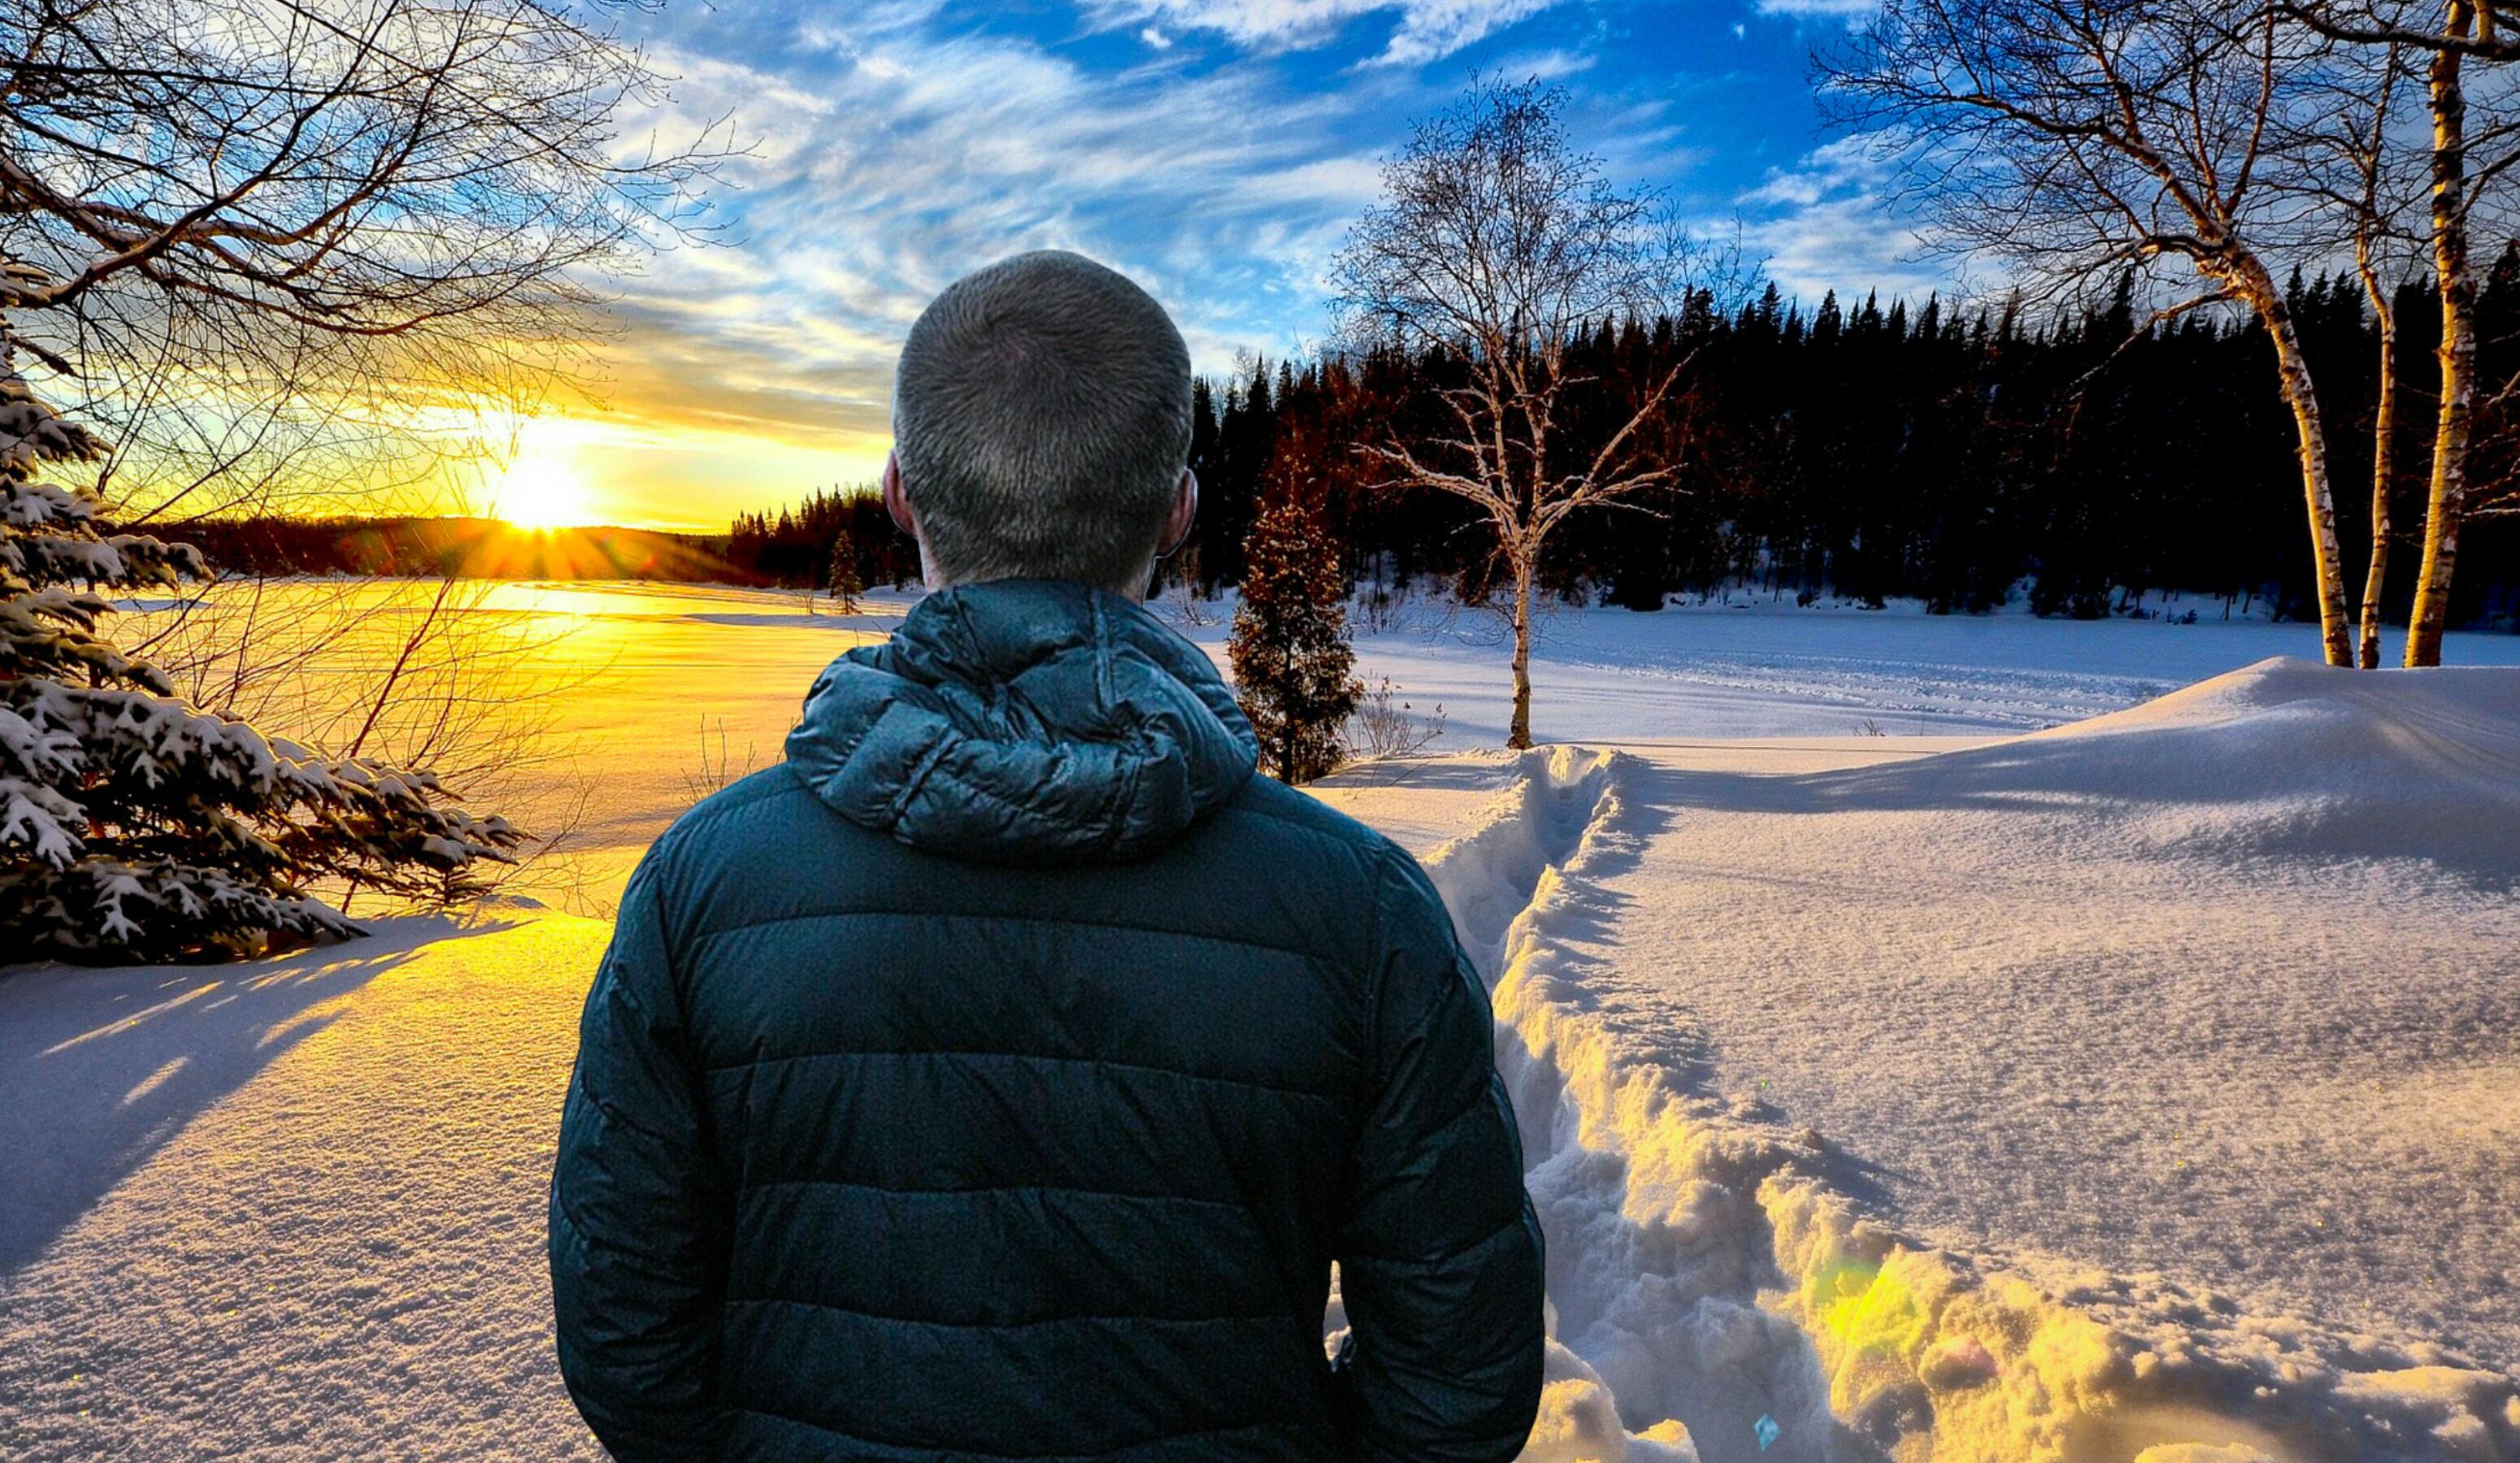 картинки человек в далеке зимой табачные